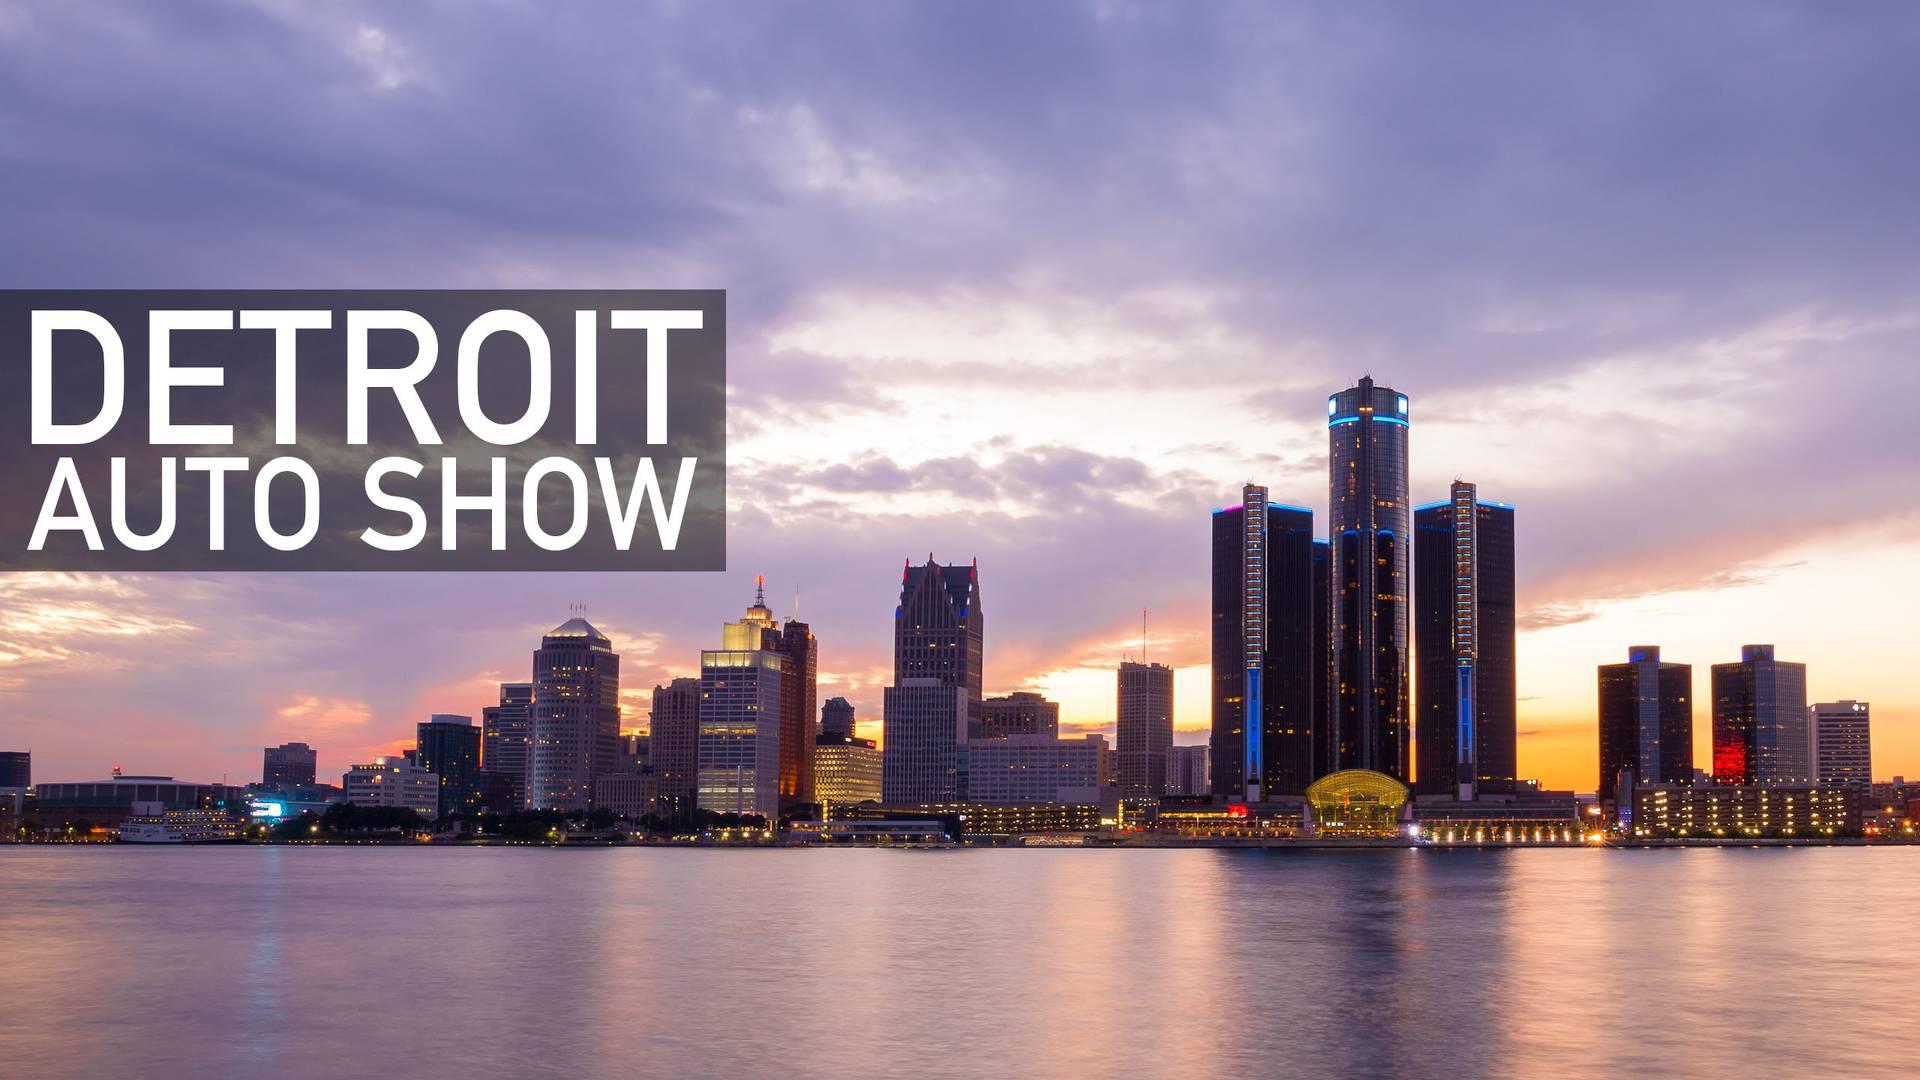 Детройтский автосалон 2021 года отменен, его заменит шестидневный фестиваль